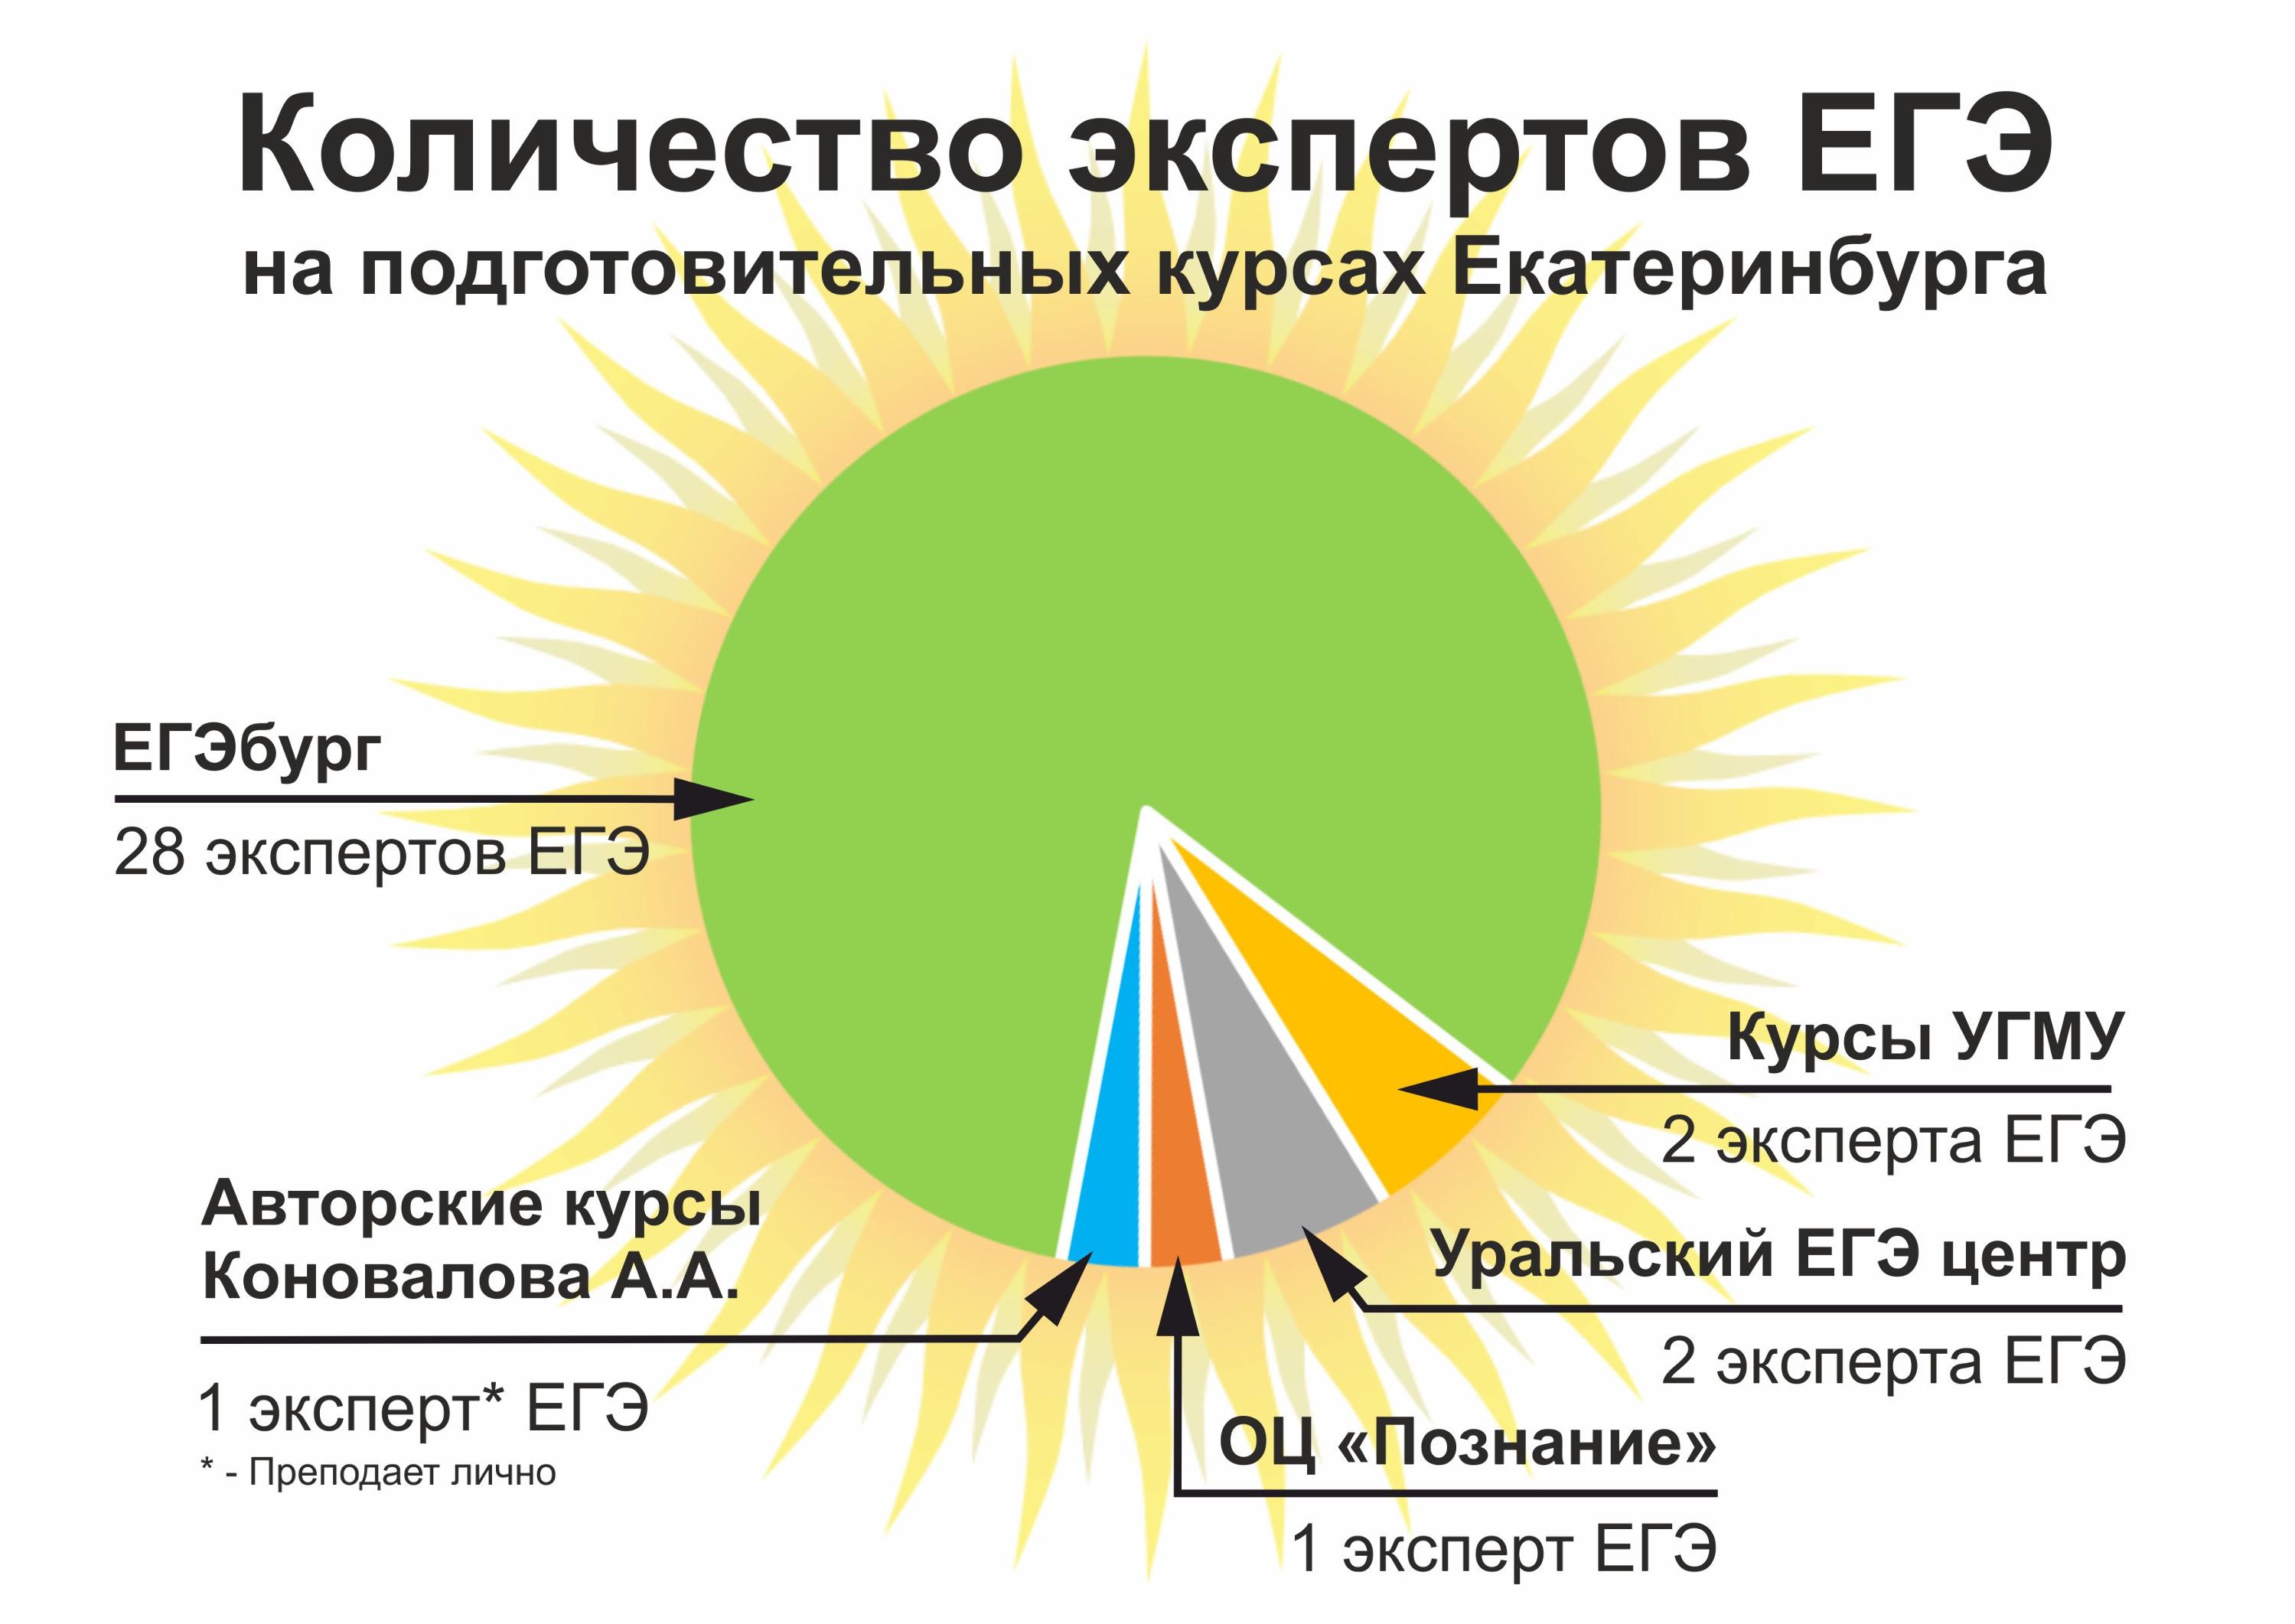 Согласно открытым источникам информации, именно на этих курсах в Екатеринбурге в 2020–2021 учебном году работают эксперты ЕГЭ